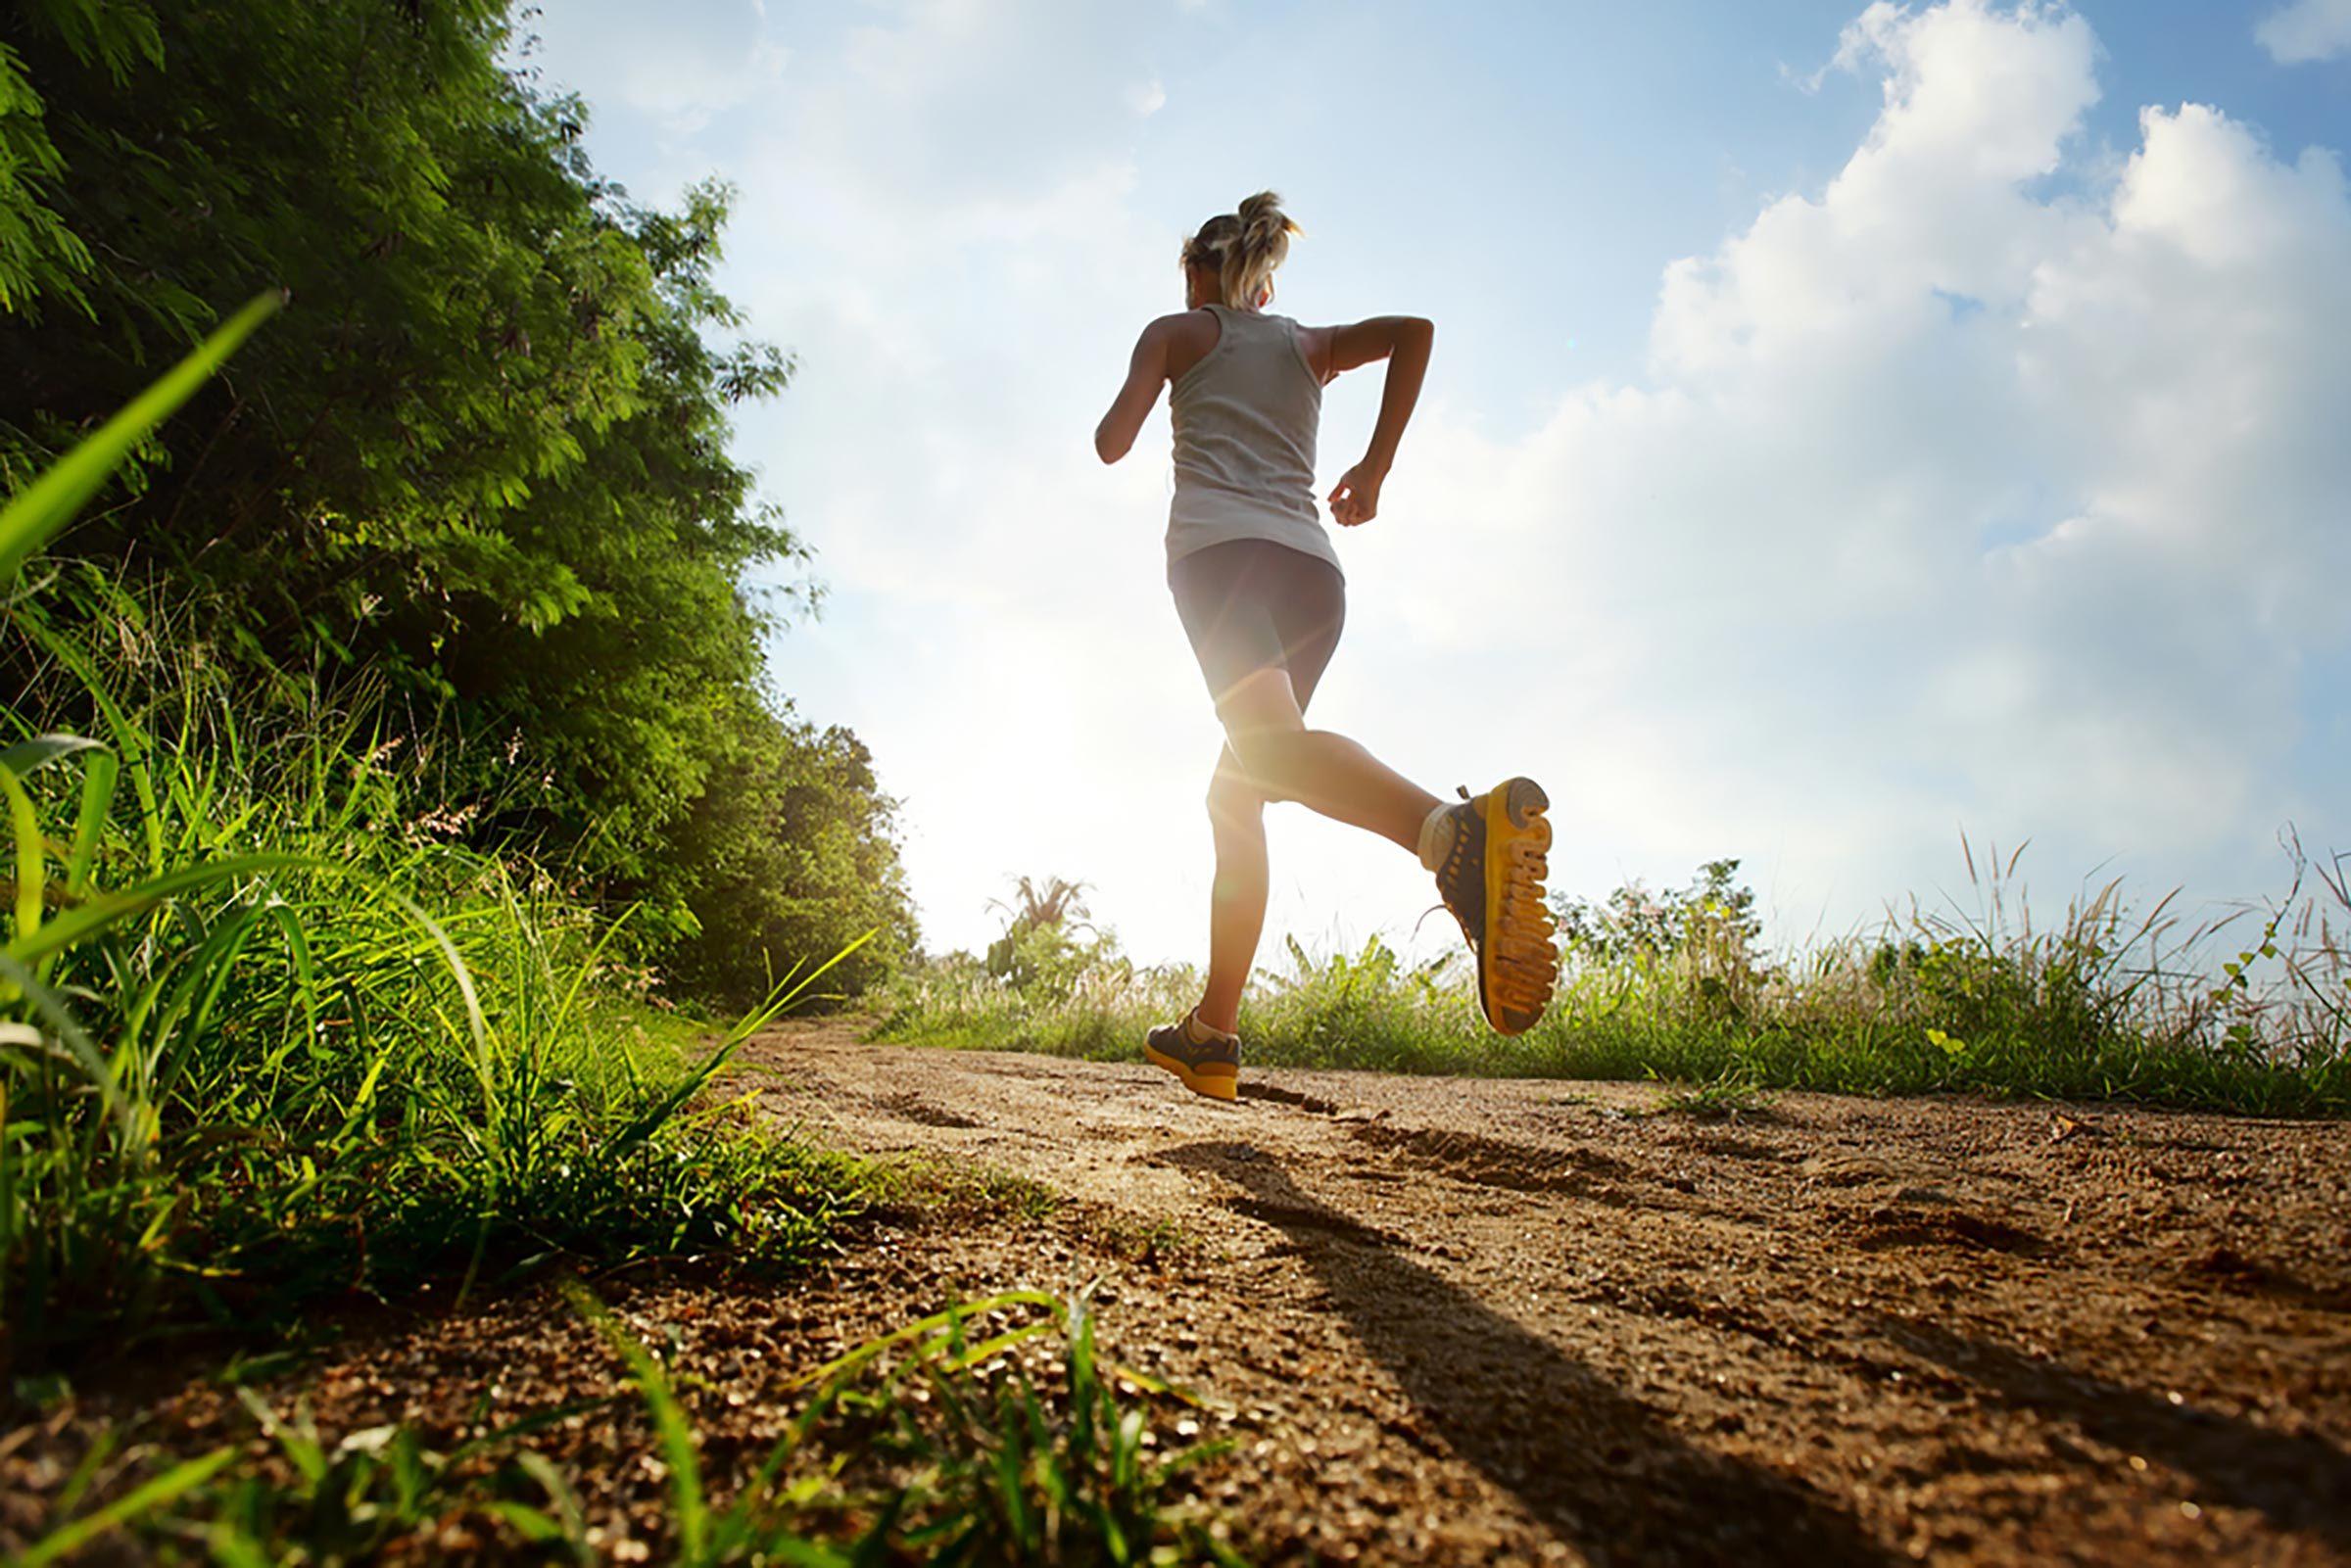 S'entraînez durant les heures chaudes de la journée, un risque de coup de chaleur